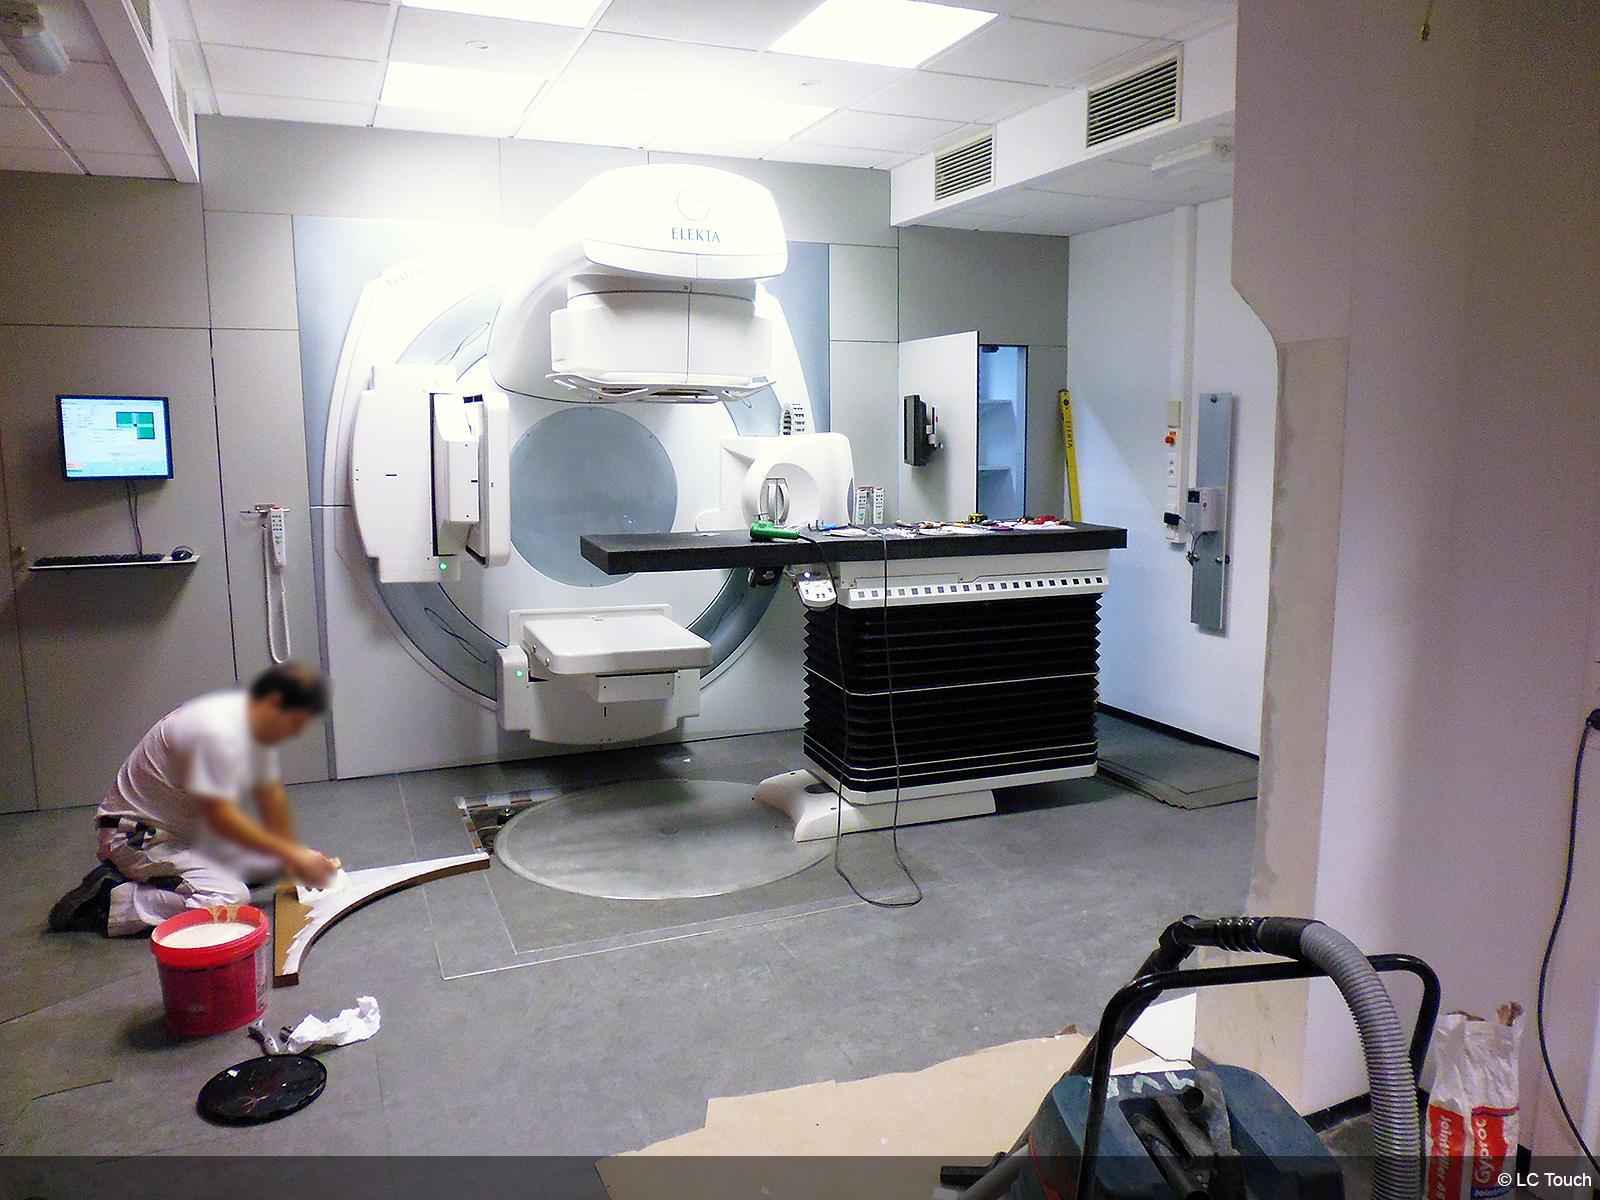 Rénovation d'une salle de scanner